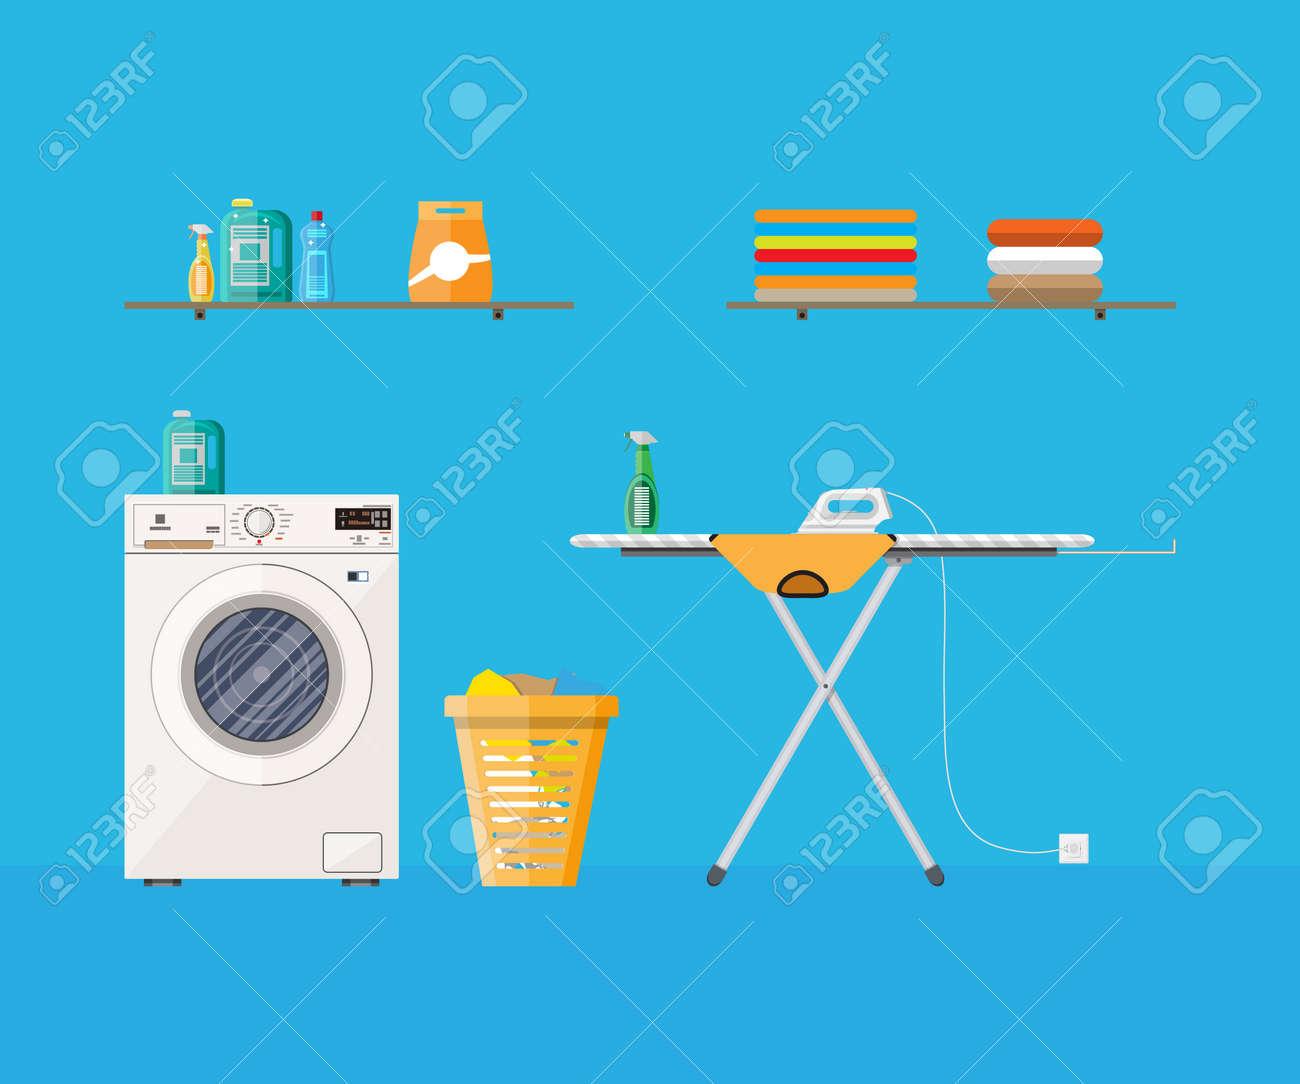 Nettoyer Machine À Laver Le Linge buanderie avec lave-linge, planche à repasser, penderie, nettoyage de la  chimie ménagère, de la poudre de lavage et le panier. illustration